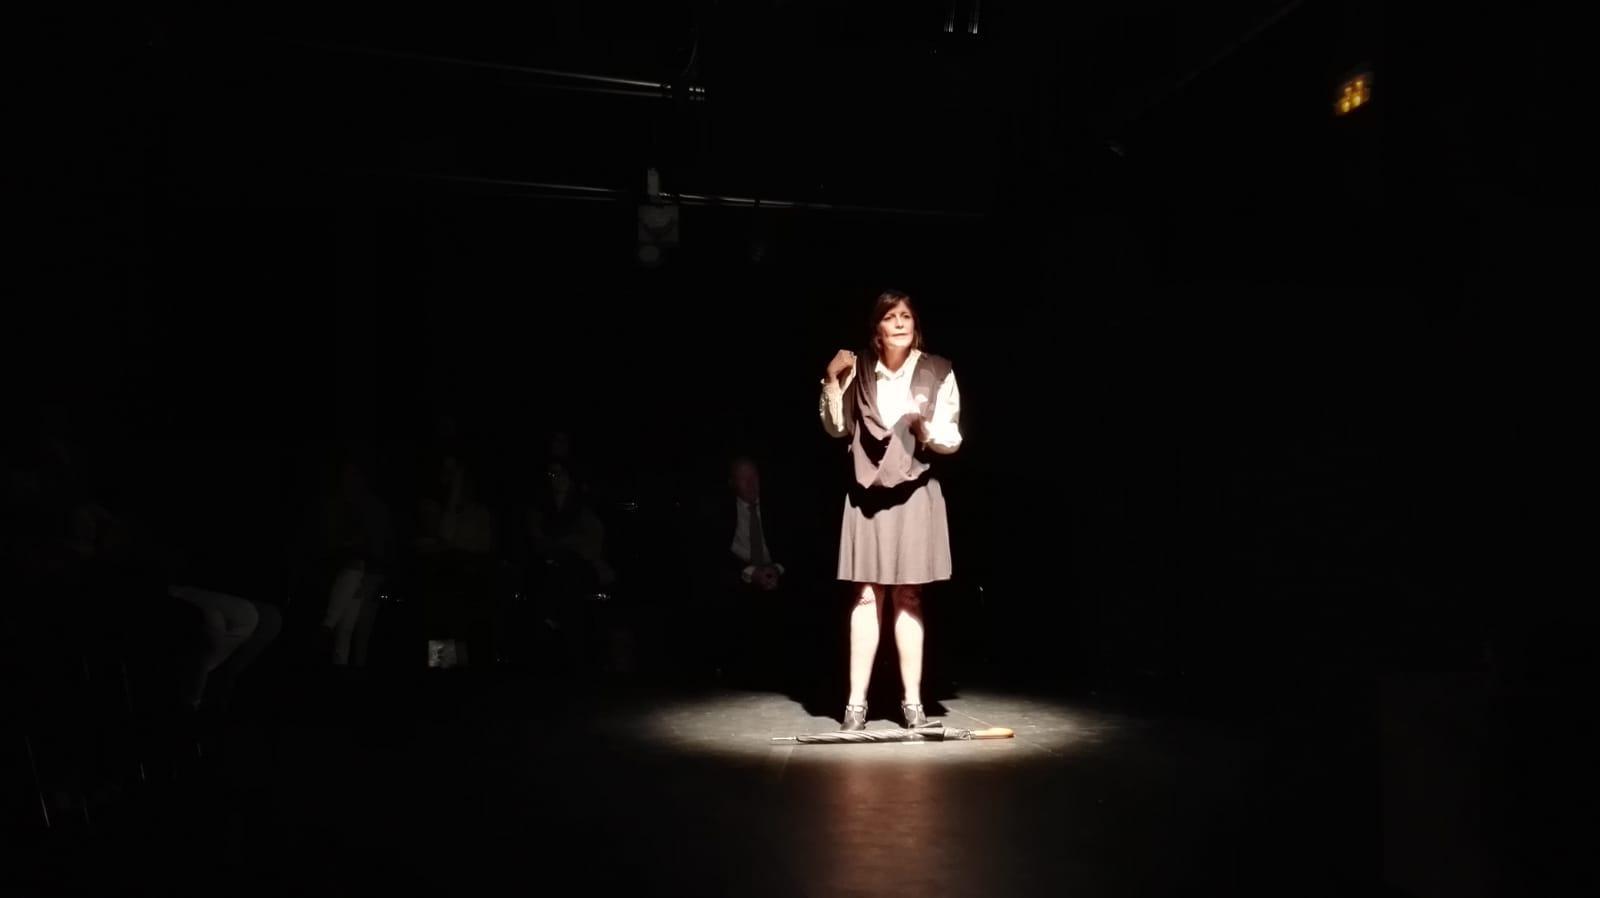 Verónica Pallini interpreta els dos personatges de la representació